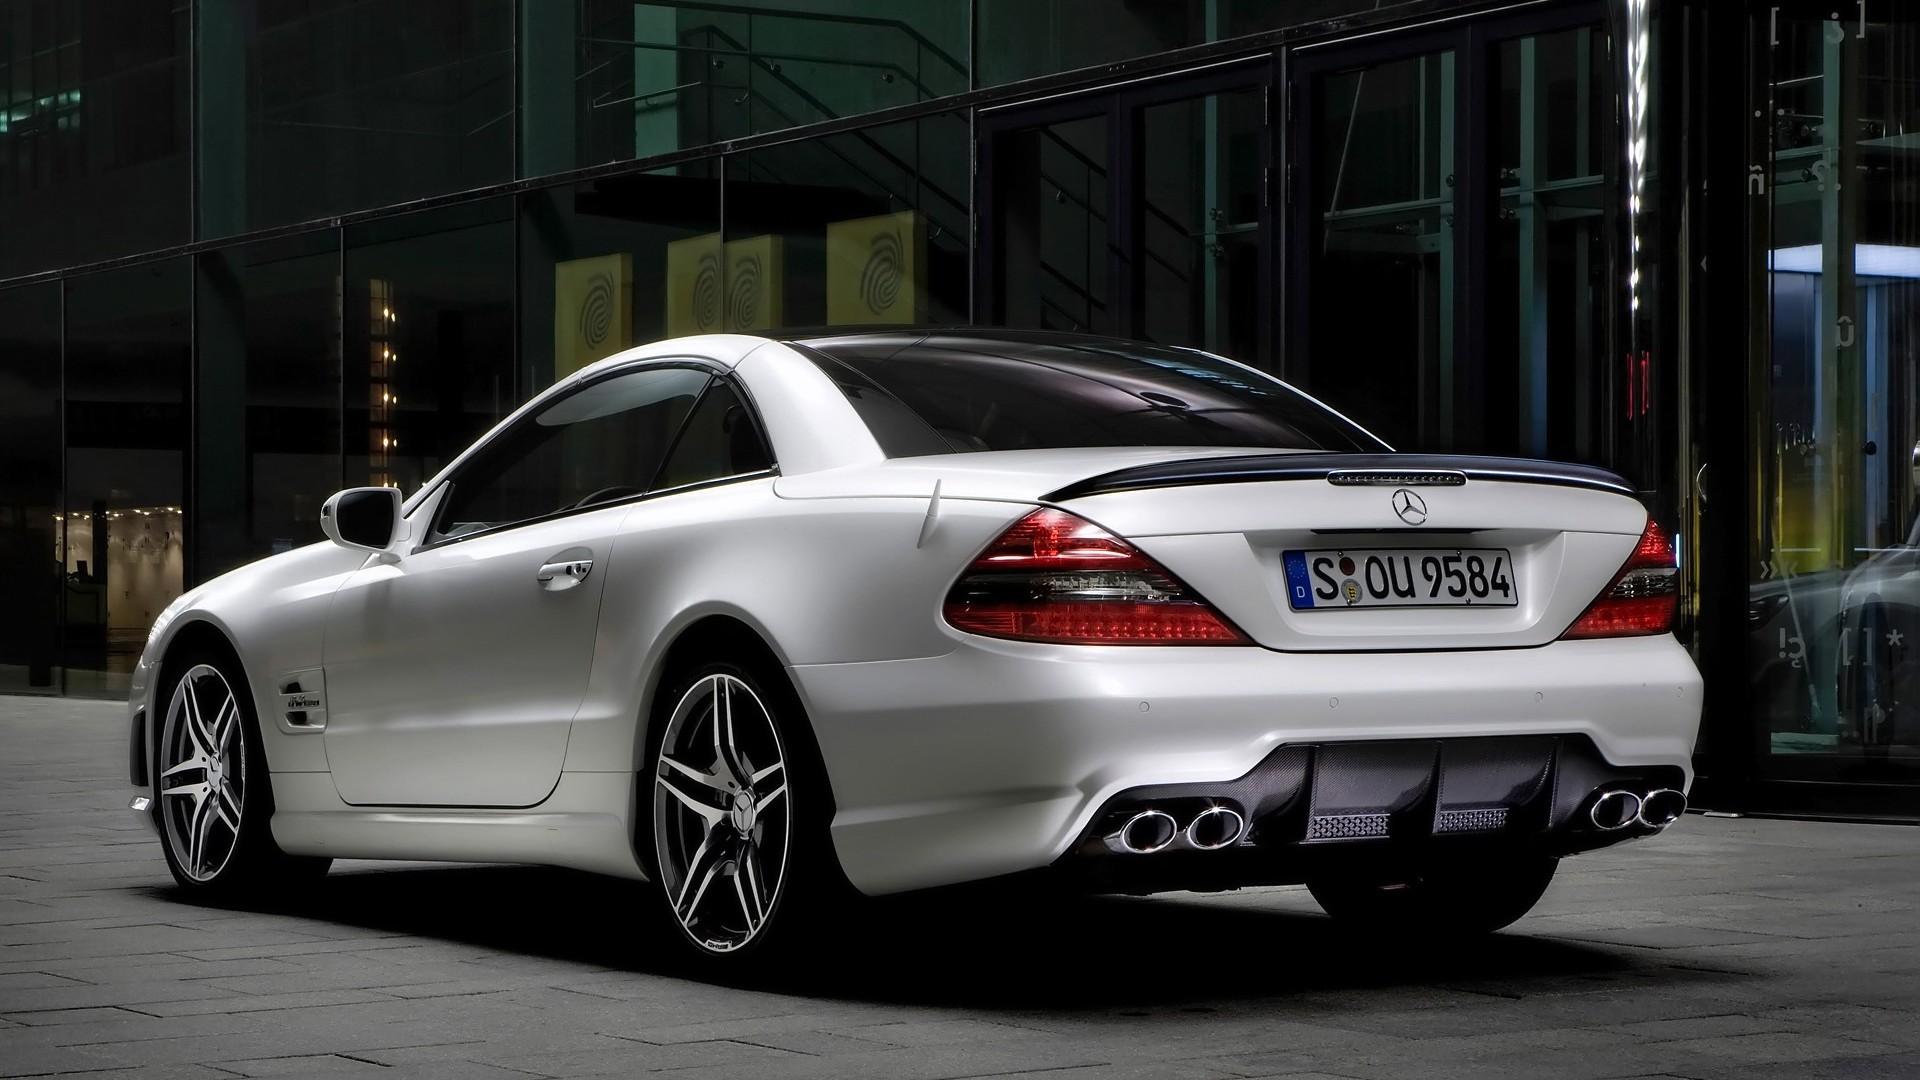 Mercedes-Benz-SL63-AMG-Wallpaper